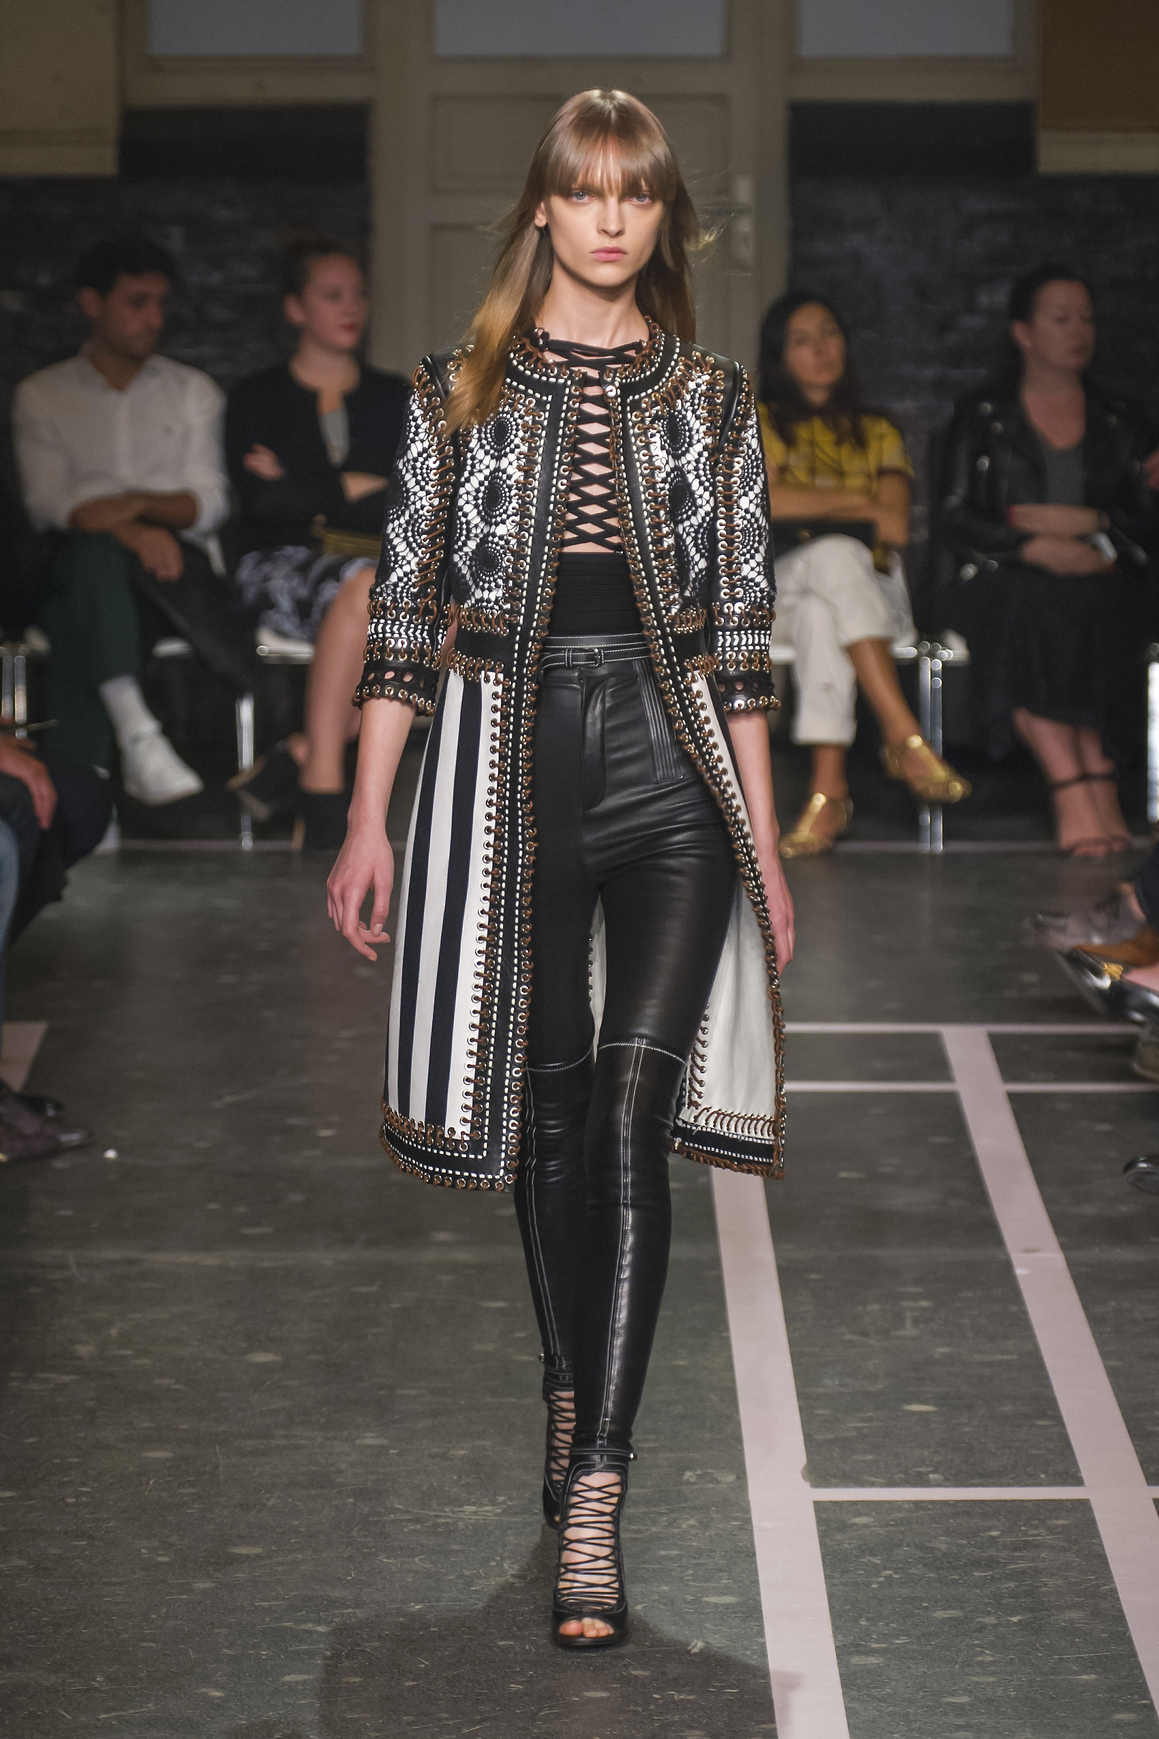 Nowy trend na bluzki ze sznureczkami, według Givenchy